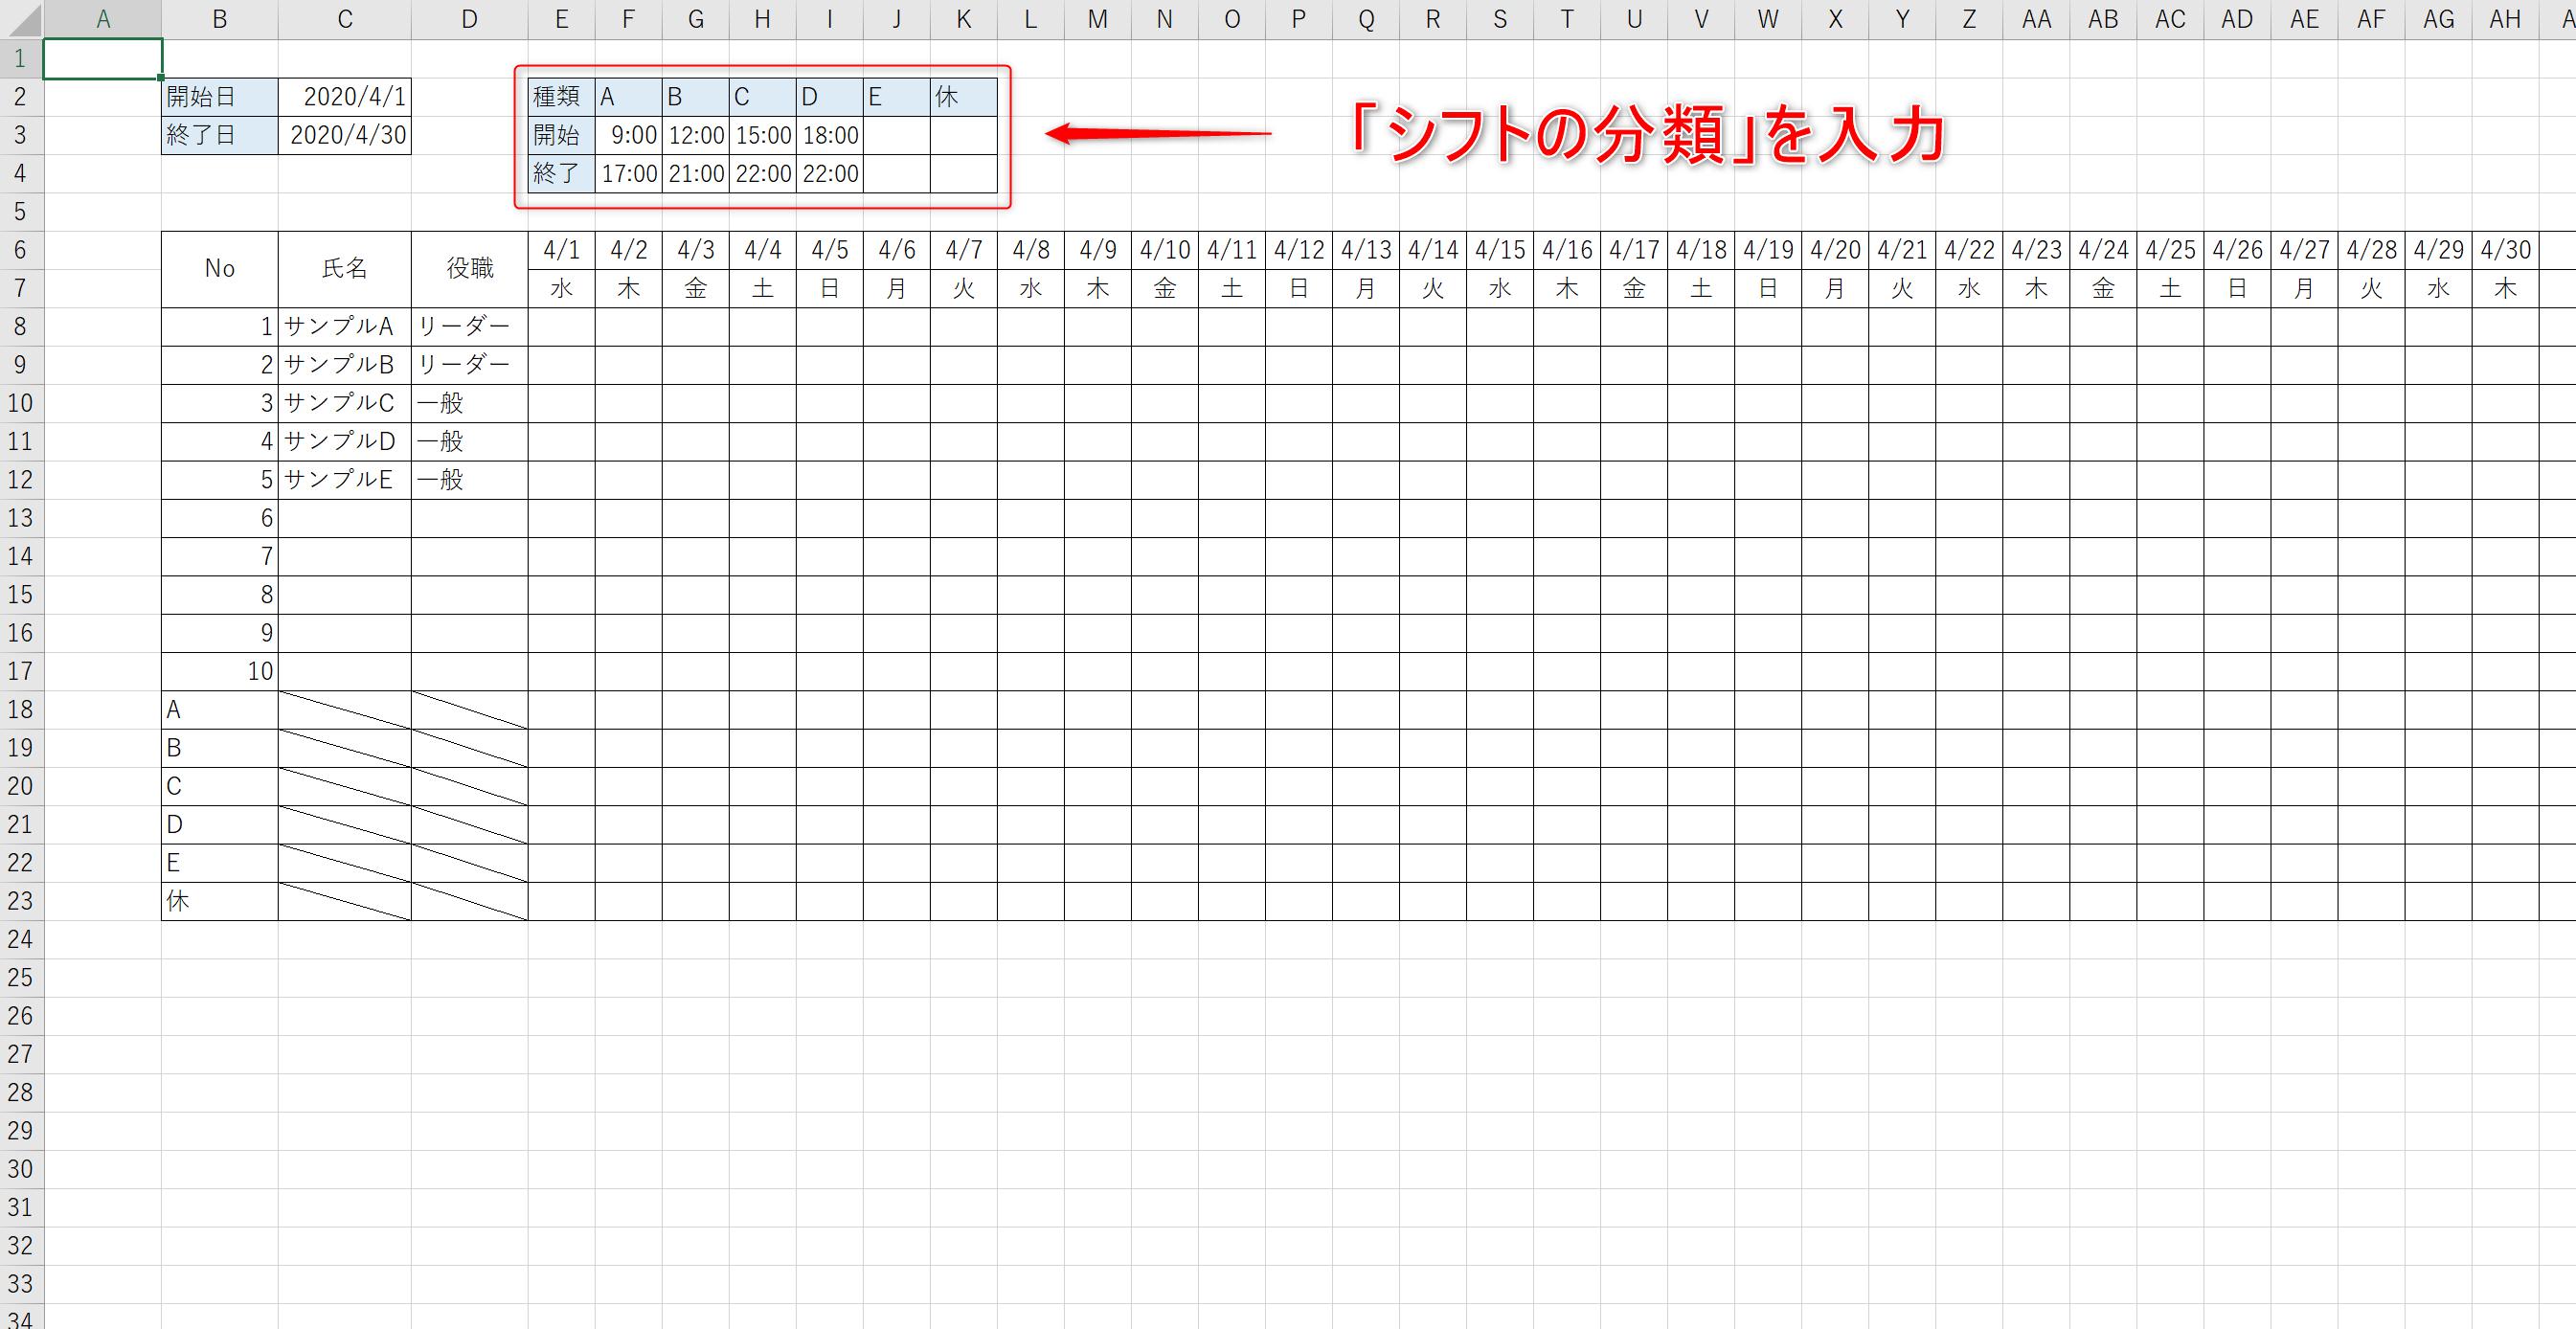 Excelシフト表動画解説記事10